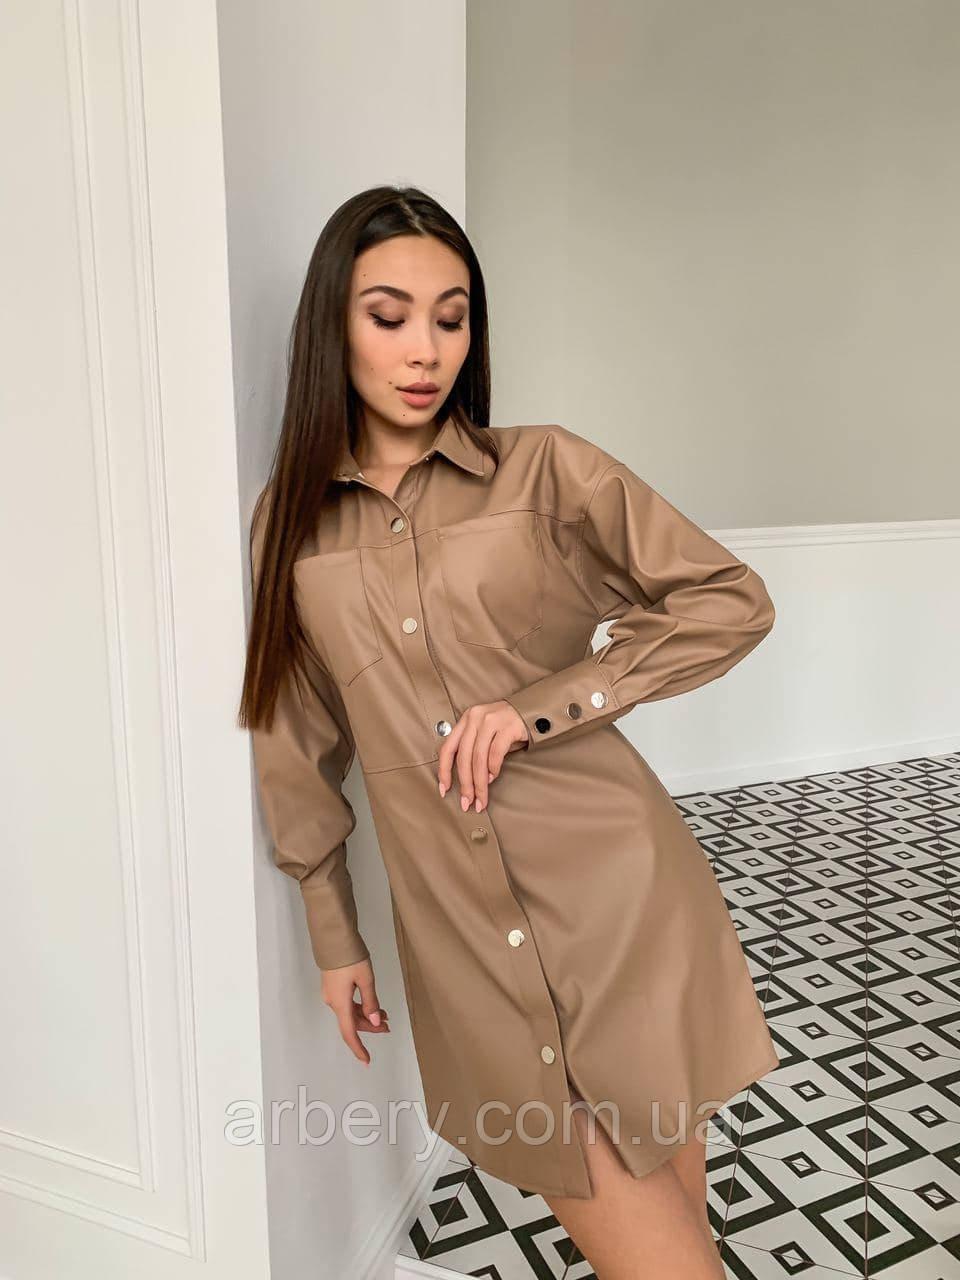 Шикарное кожаное платье-рубашка на кнопках